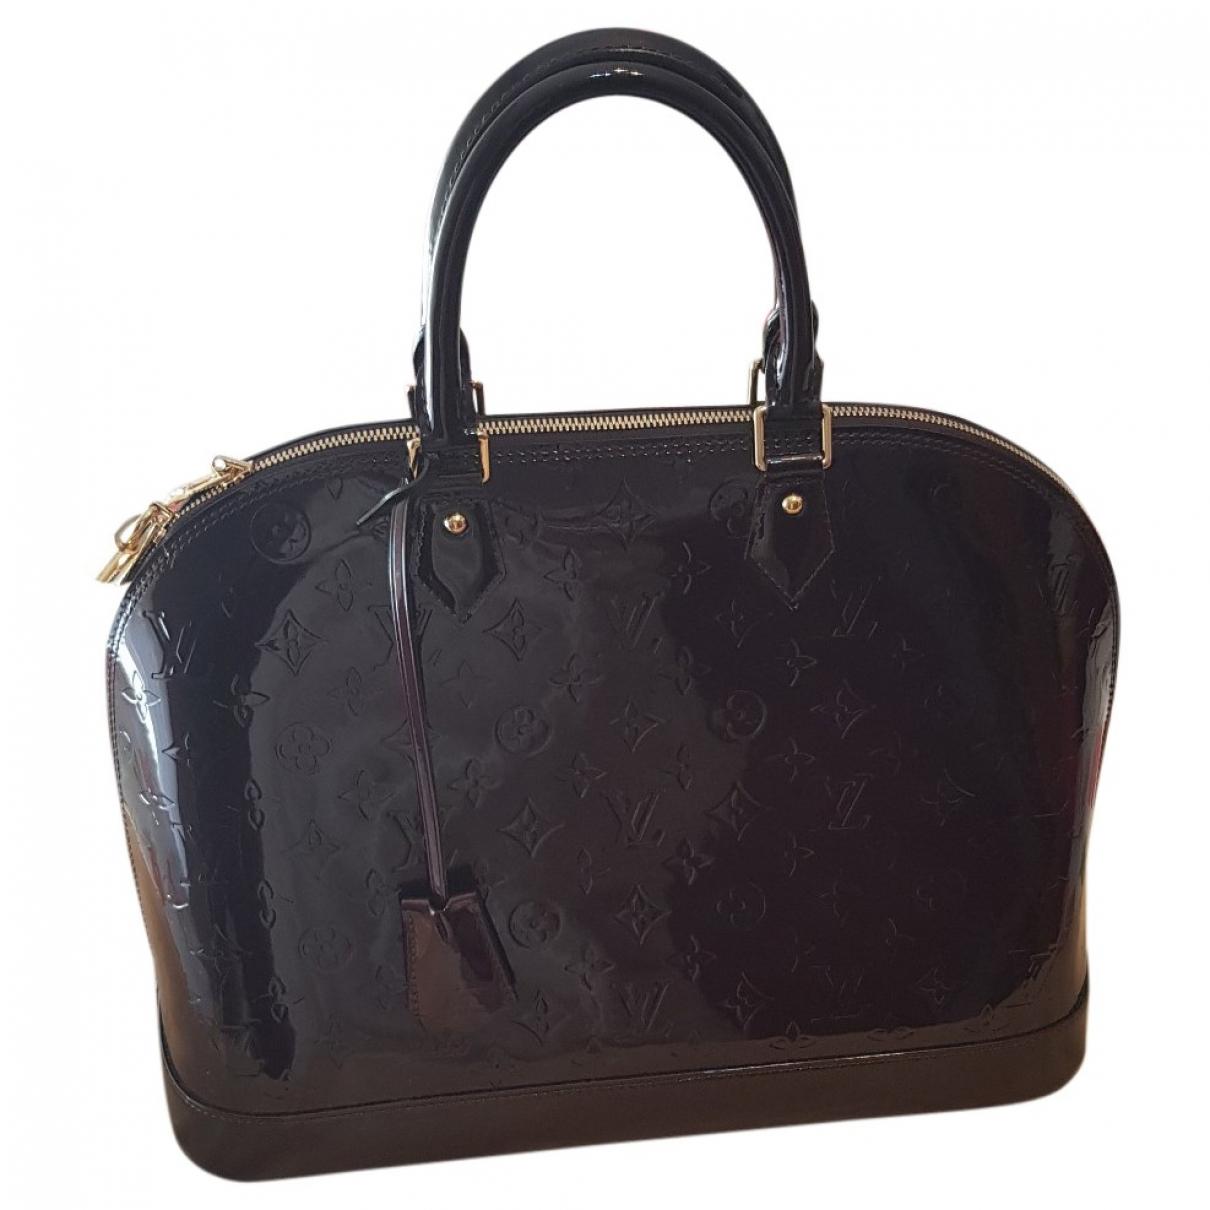 Louis Vuitton - Sac a main Alma pour femme en cuir verni - bordeaux